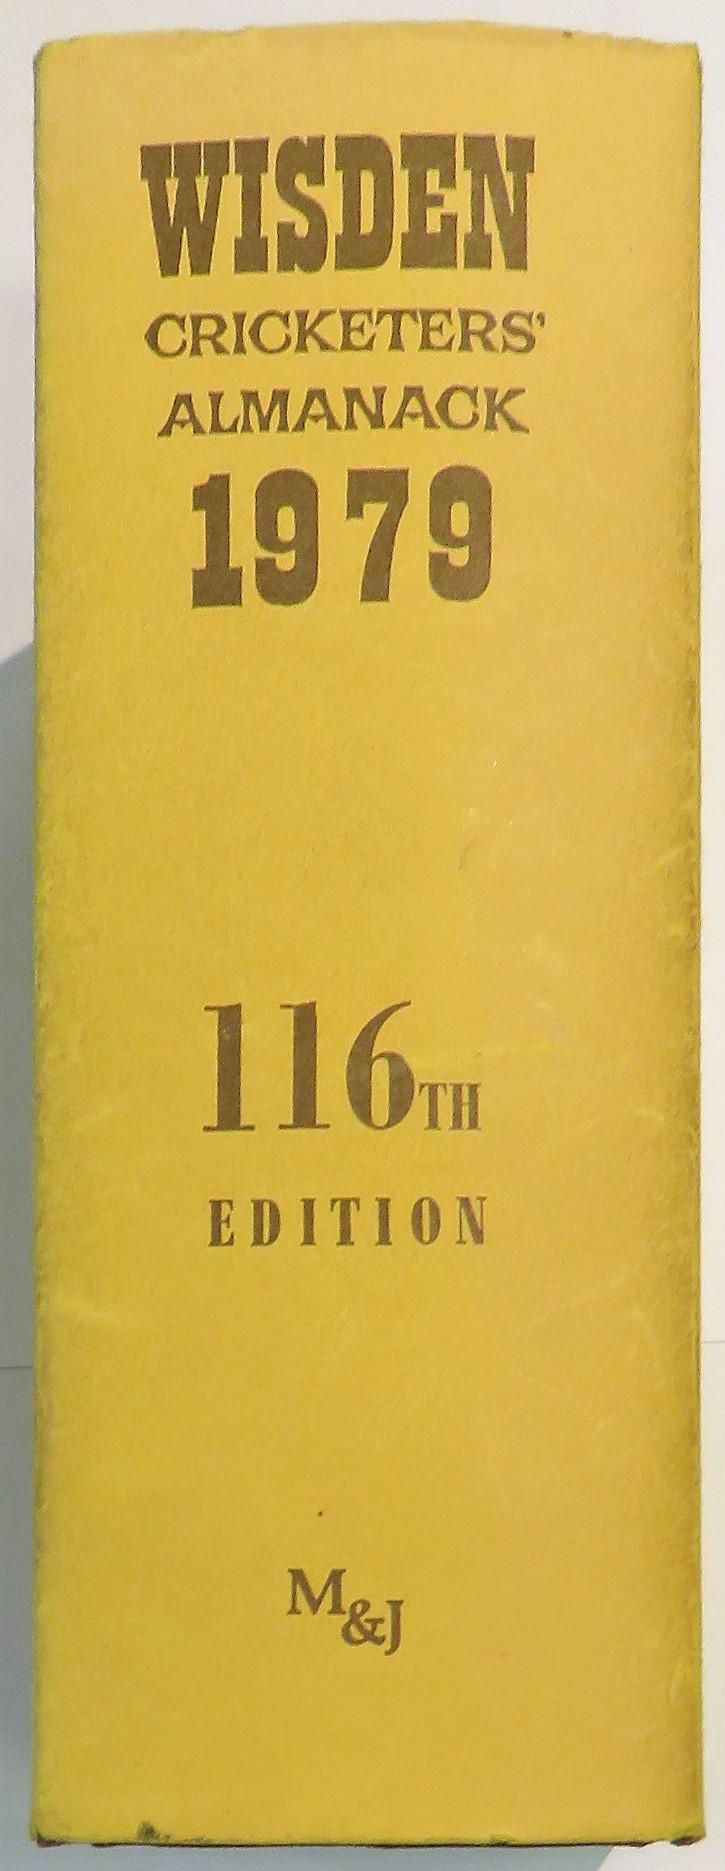 Wisden Cricketers' Almanack for 1979